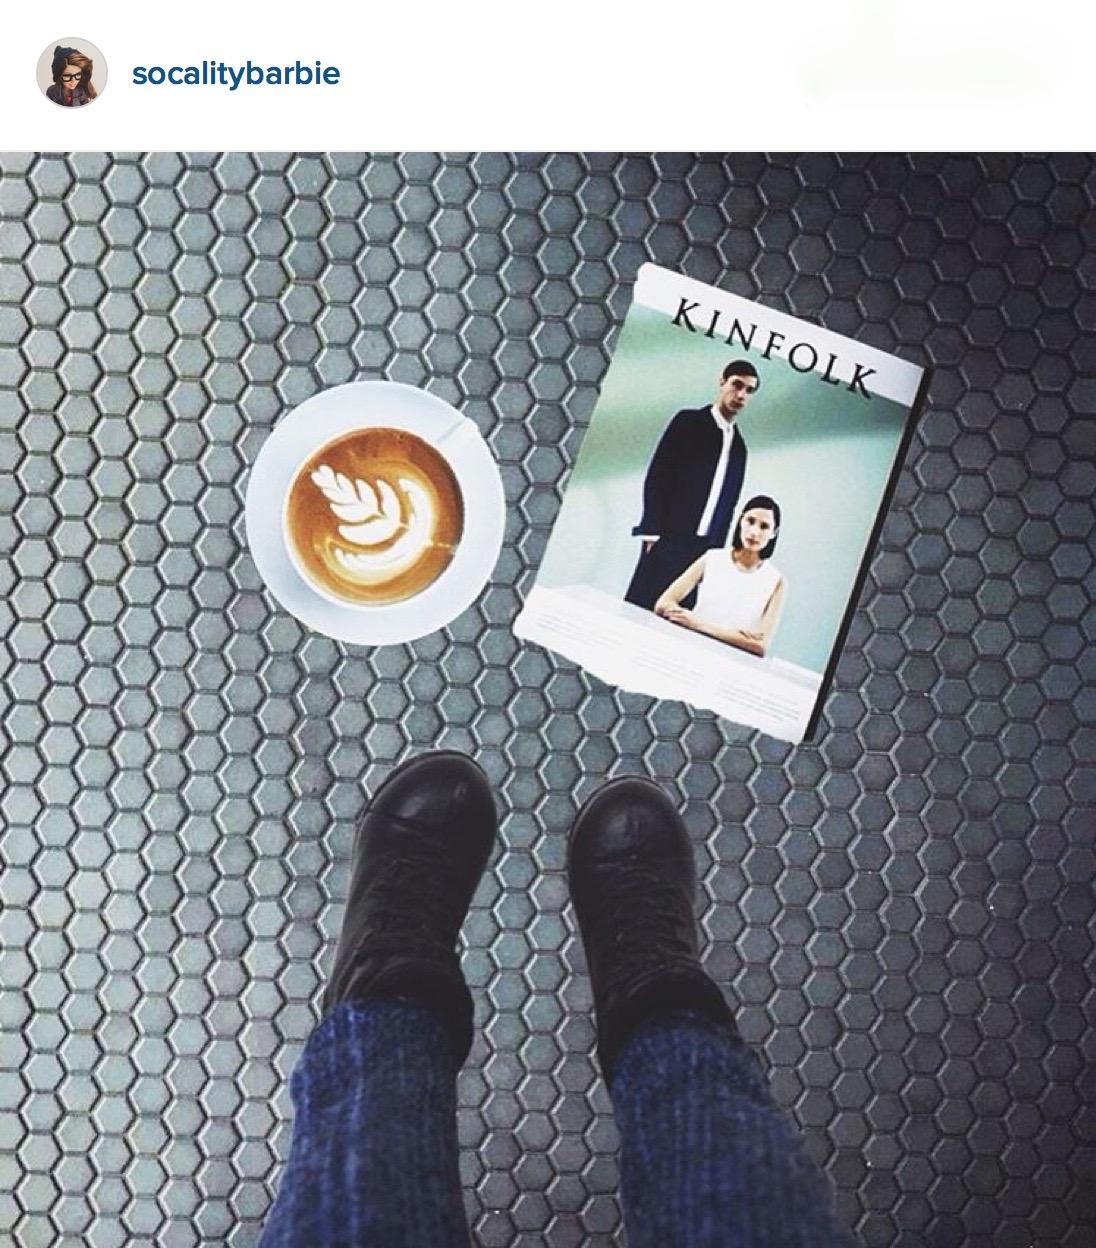 @Socalitybarbie, Instagram